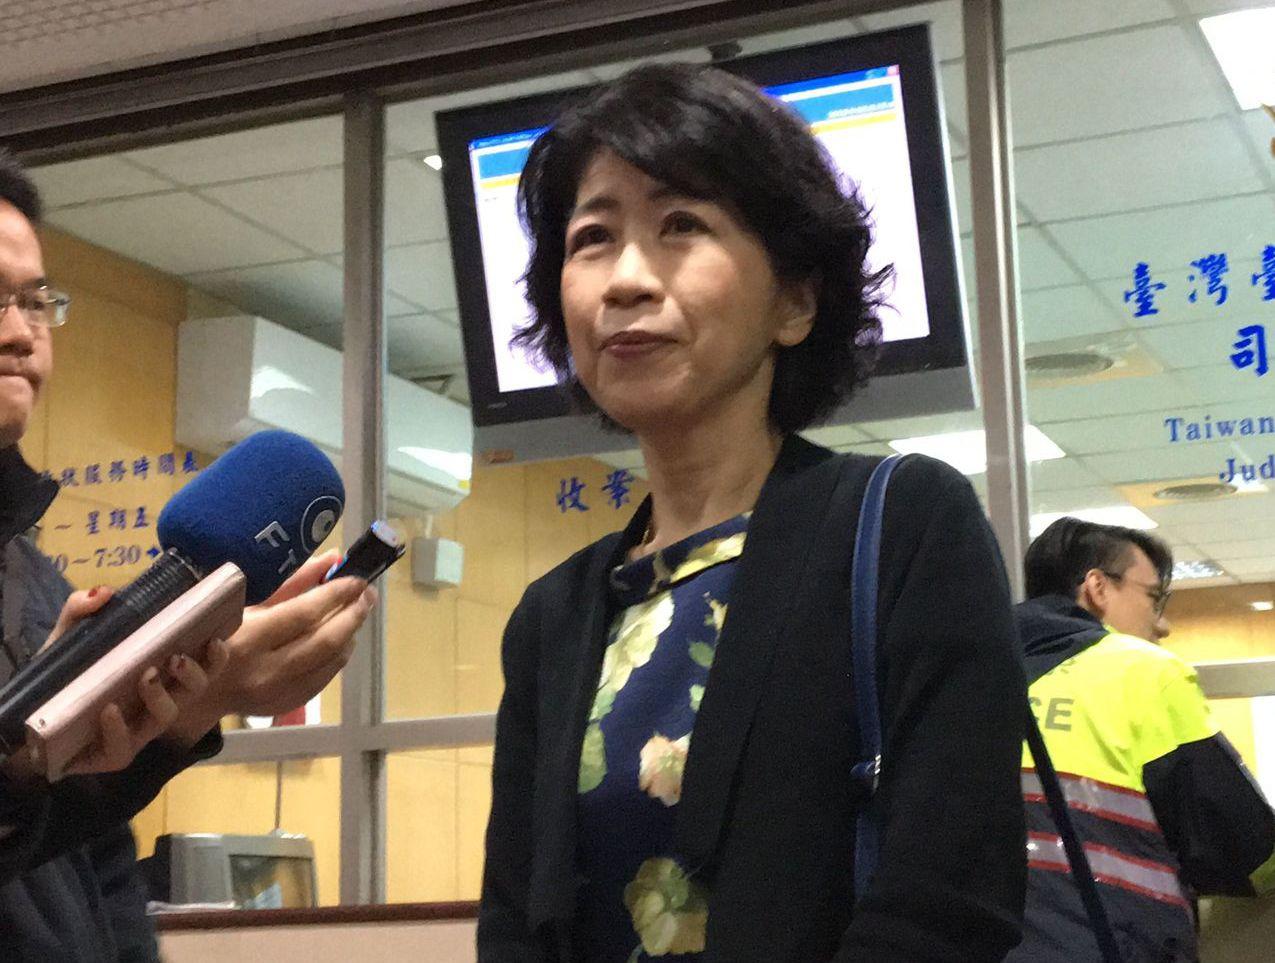 陳佩琪控告三立「54新觀點」,陳昨天首度出庭,哽咽訴說遭抹黑的心情。 記者林孟潔...